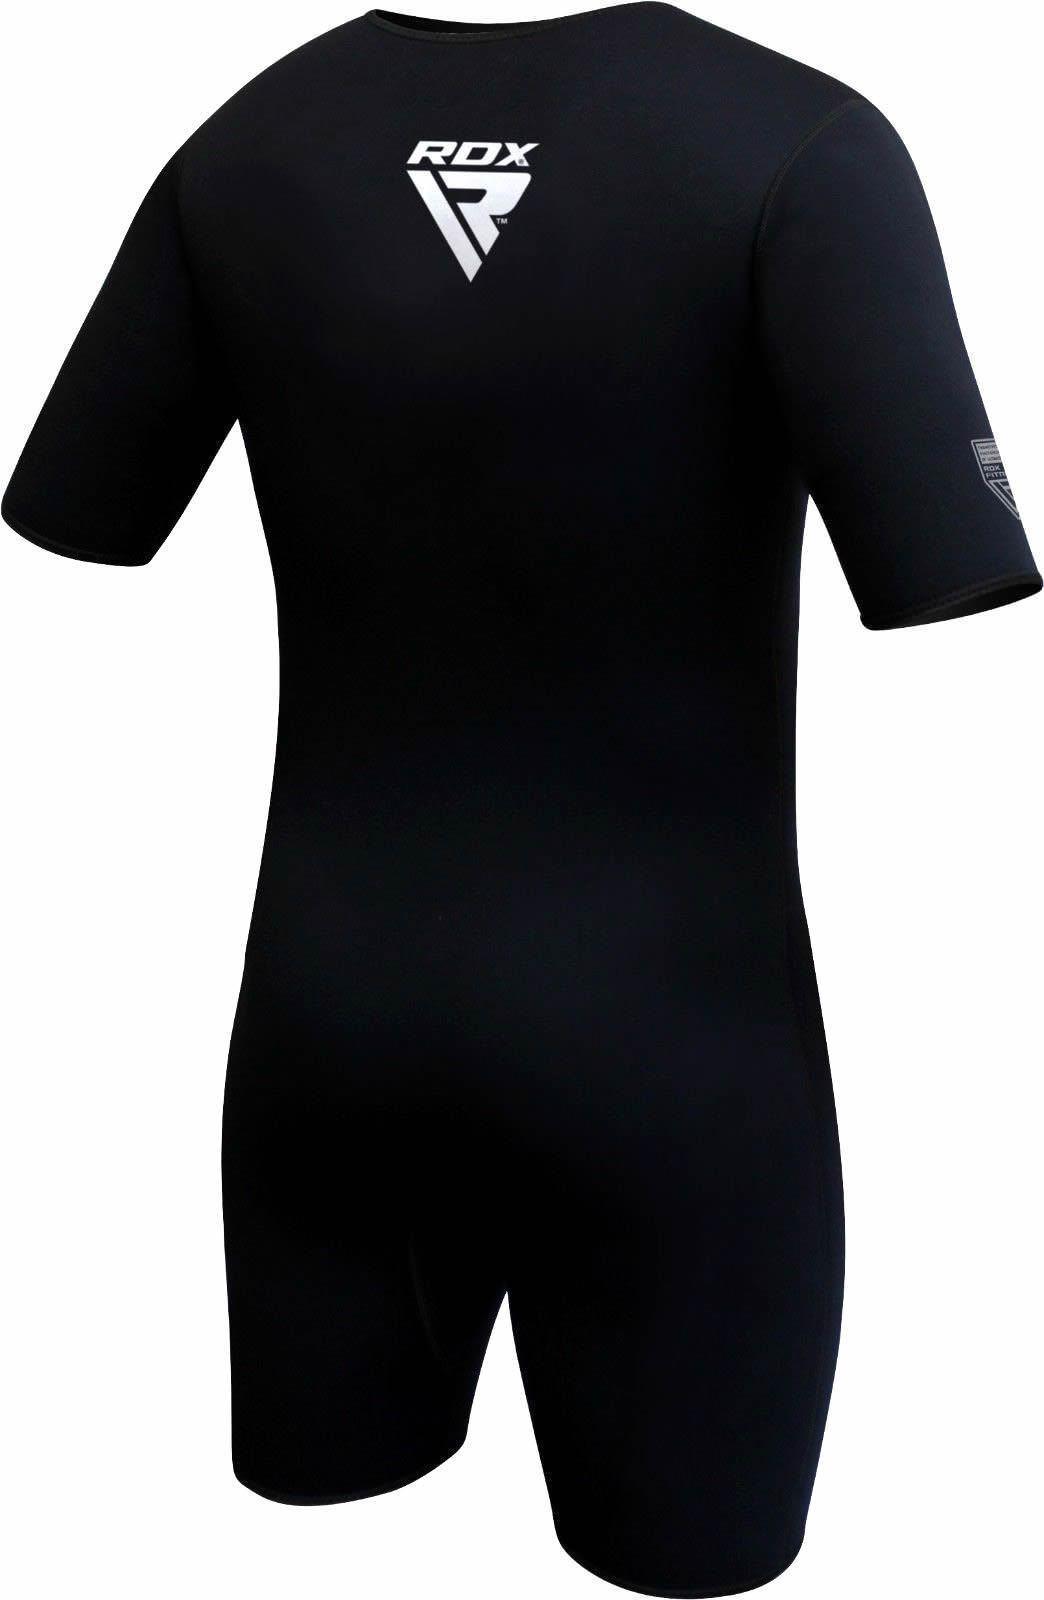 RDX Neopren Schwitzanzug Schwitzanzug Schwitzanzug Saunaanzug Sauna Suit Sport Gewichtsverlust Sweatanzug 522b49